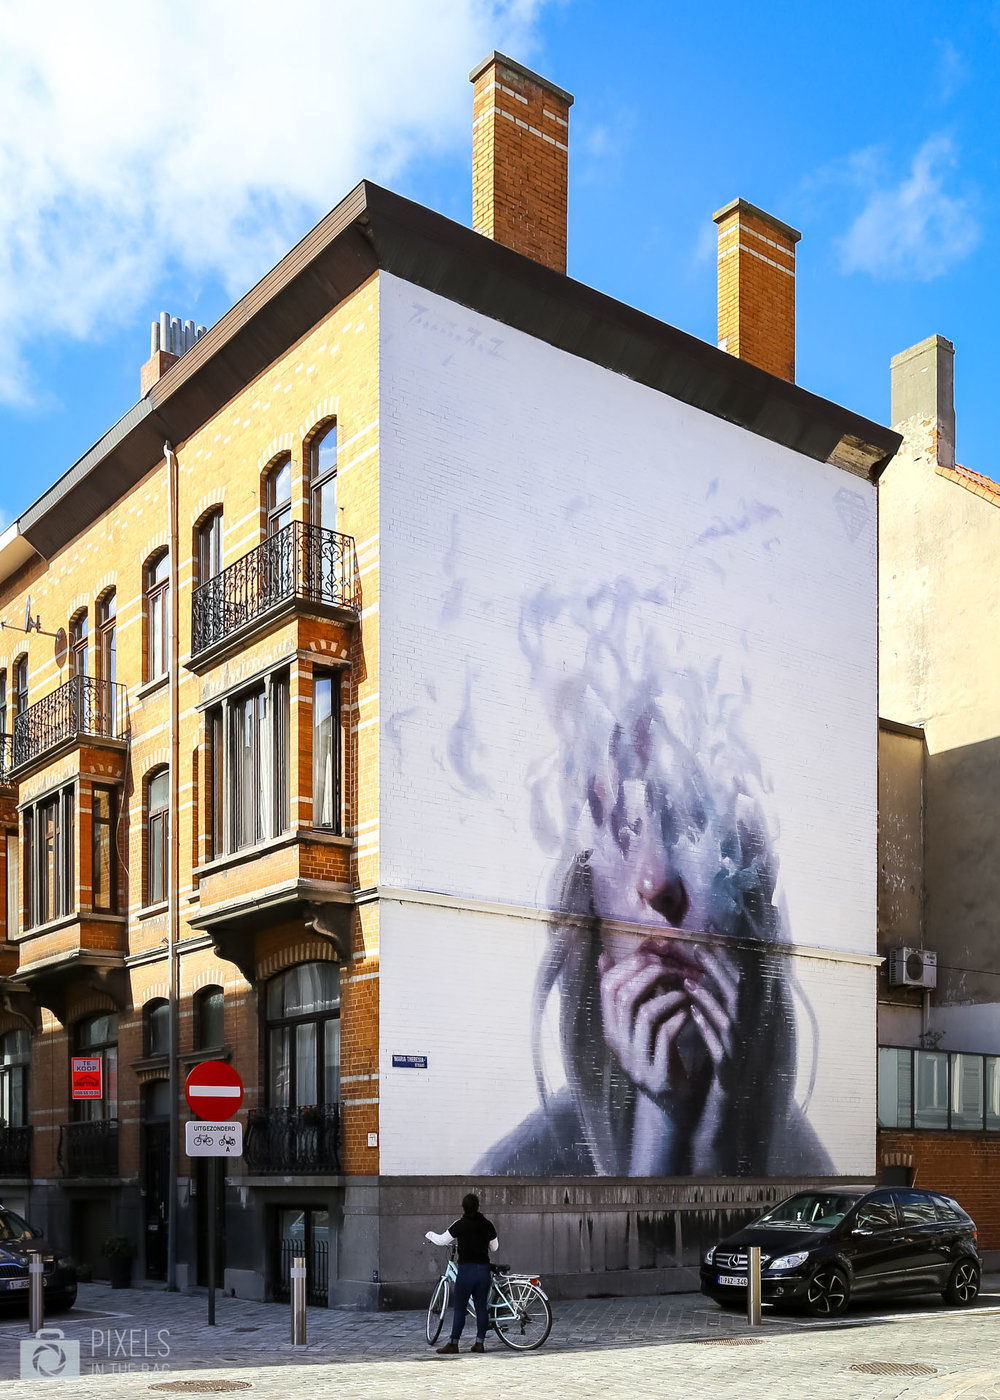 Travaillant toujours en costard cravate,  Hanrik Uldalen  est un peintre autodidacte qui propose dans ses œuvres une atmosphère quelque peu flottante où les personnages sont emprisonnés dans le vide. Sa technique lui permet de montrer les émotions d'aliénation et de sensibilité captivés sur ses représentations.